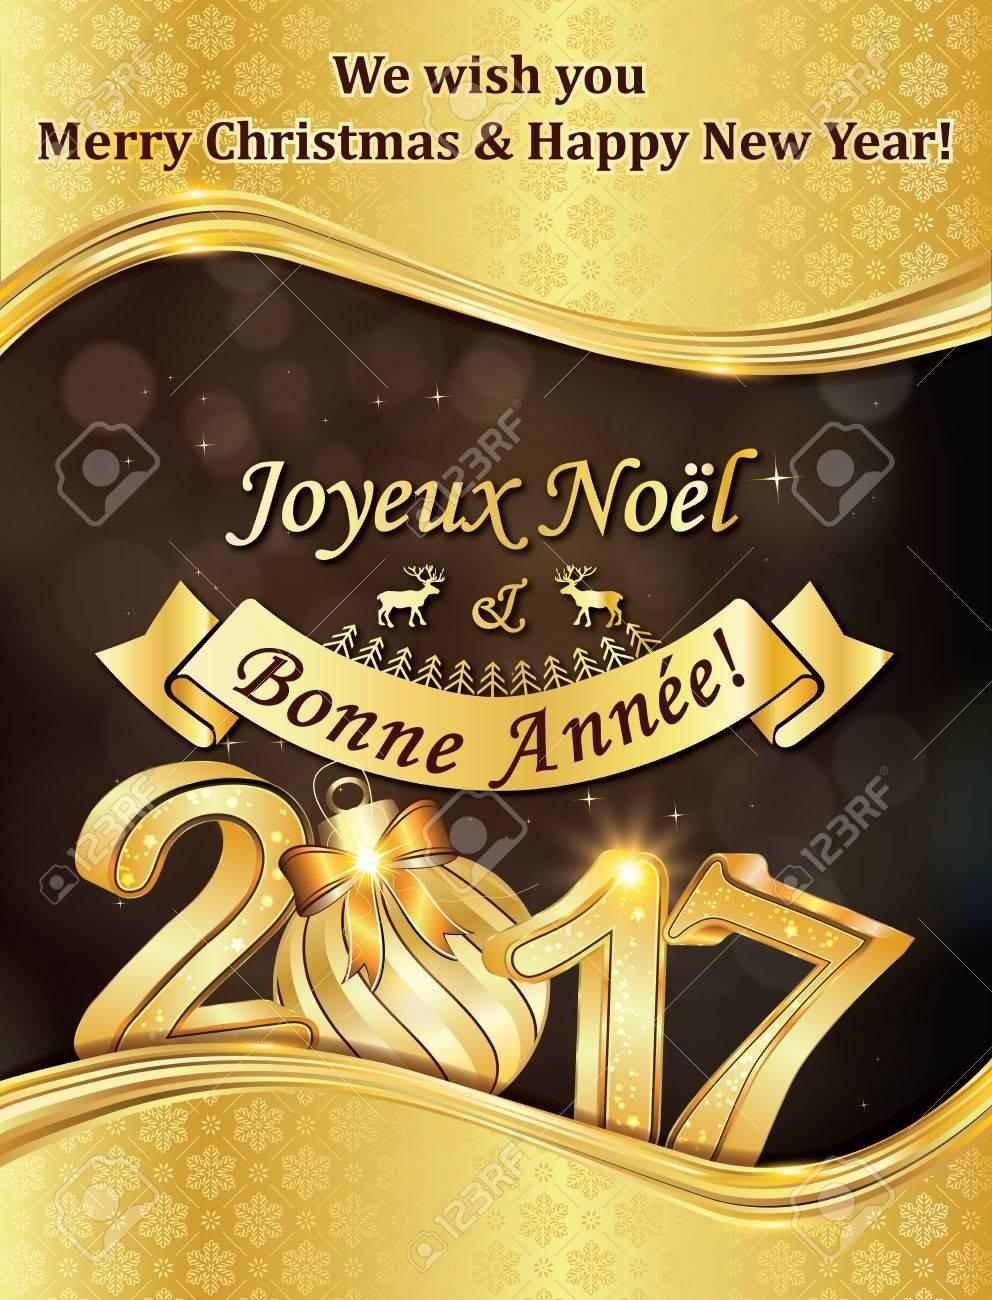 おめでとう フランス語 あけまして 【厳選20フレーズ】フランス語で新年の挨拶「あけましておめでとう」の例文